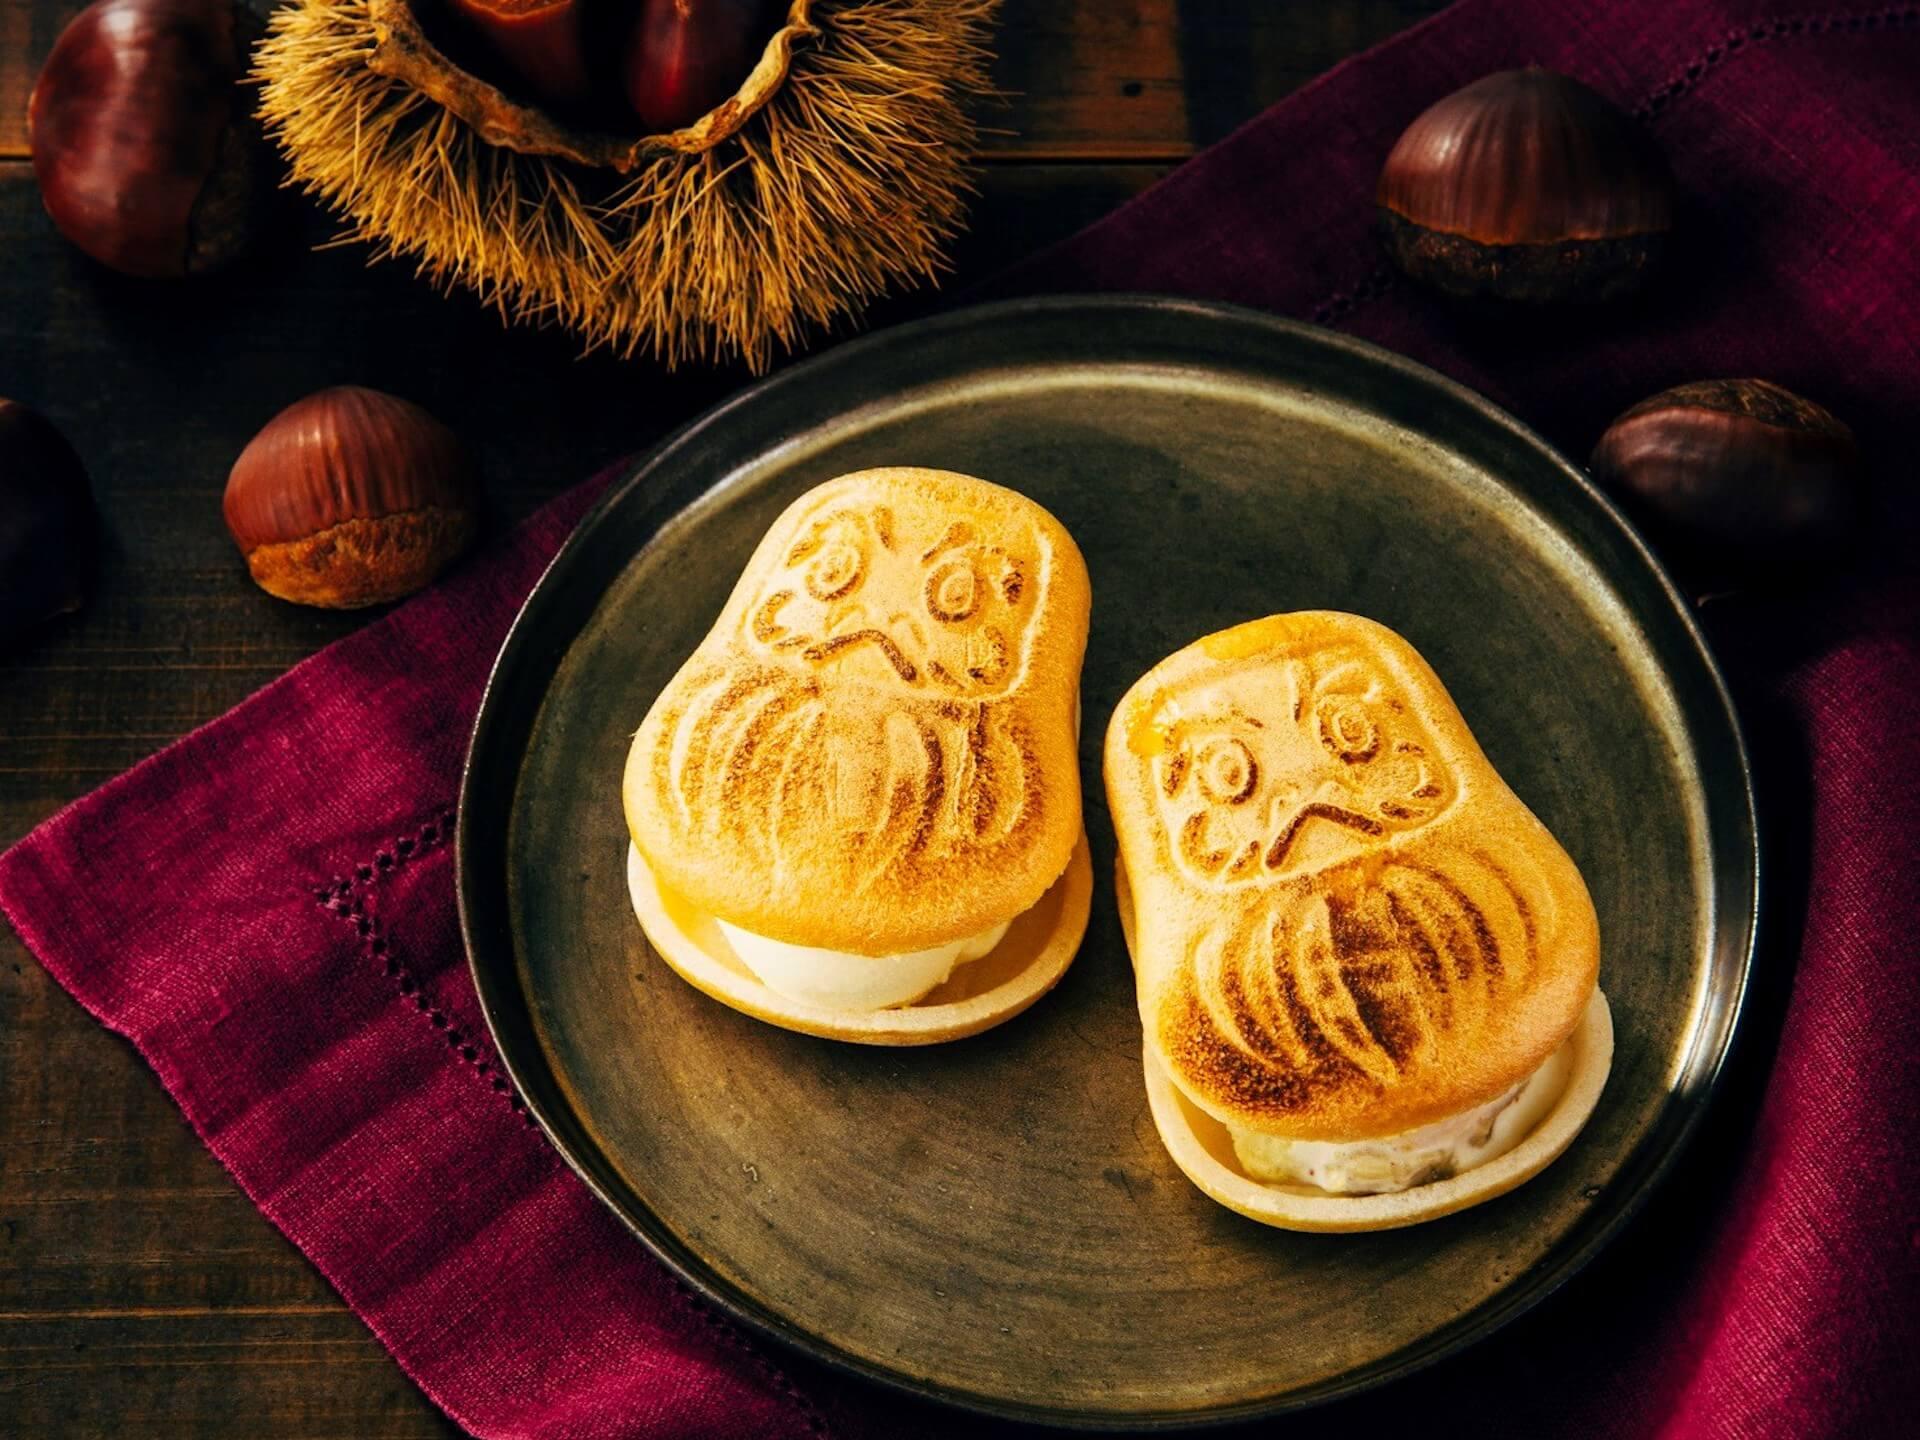 『AKOMEYA食堂』から和の食材を楽しめるシフォンケーキやどら焼きなど秋の新作スイーツ5種類が登場! food202087-akomeya5